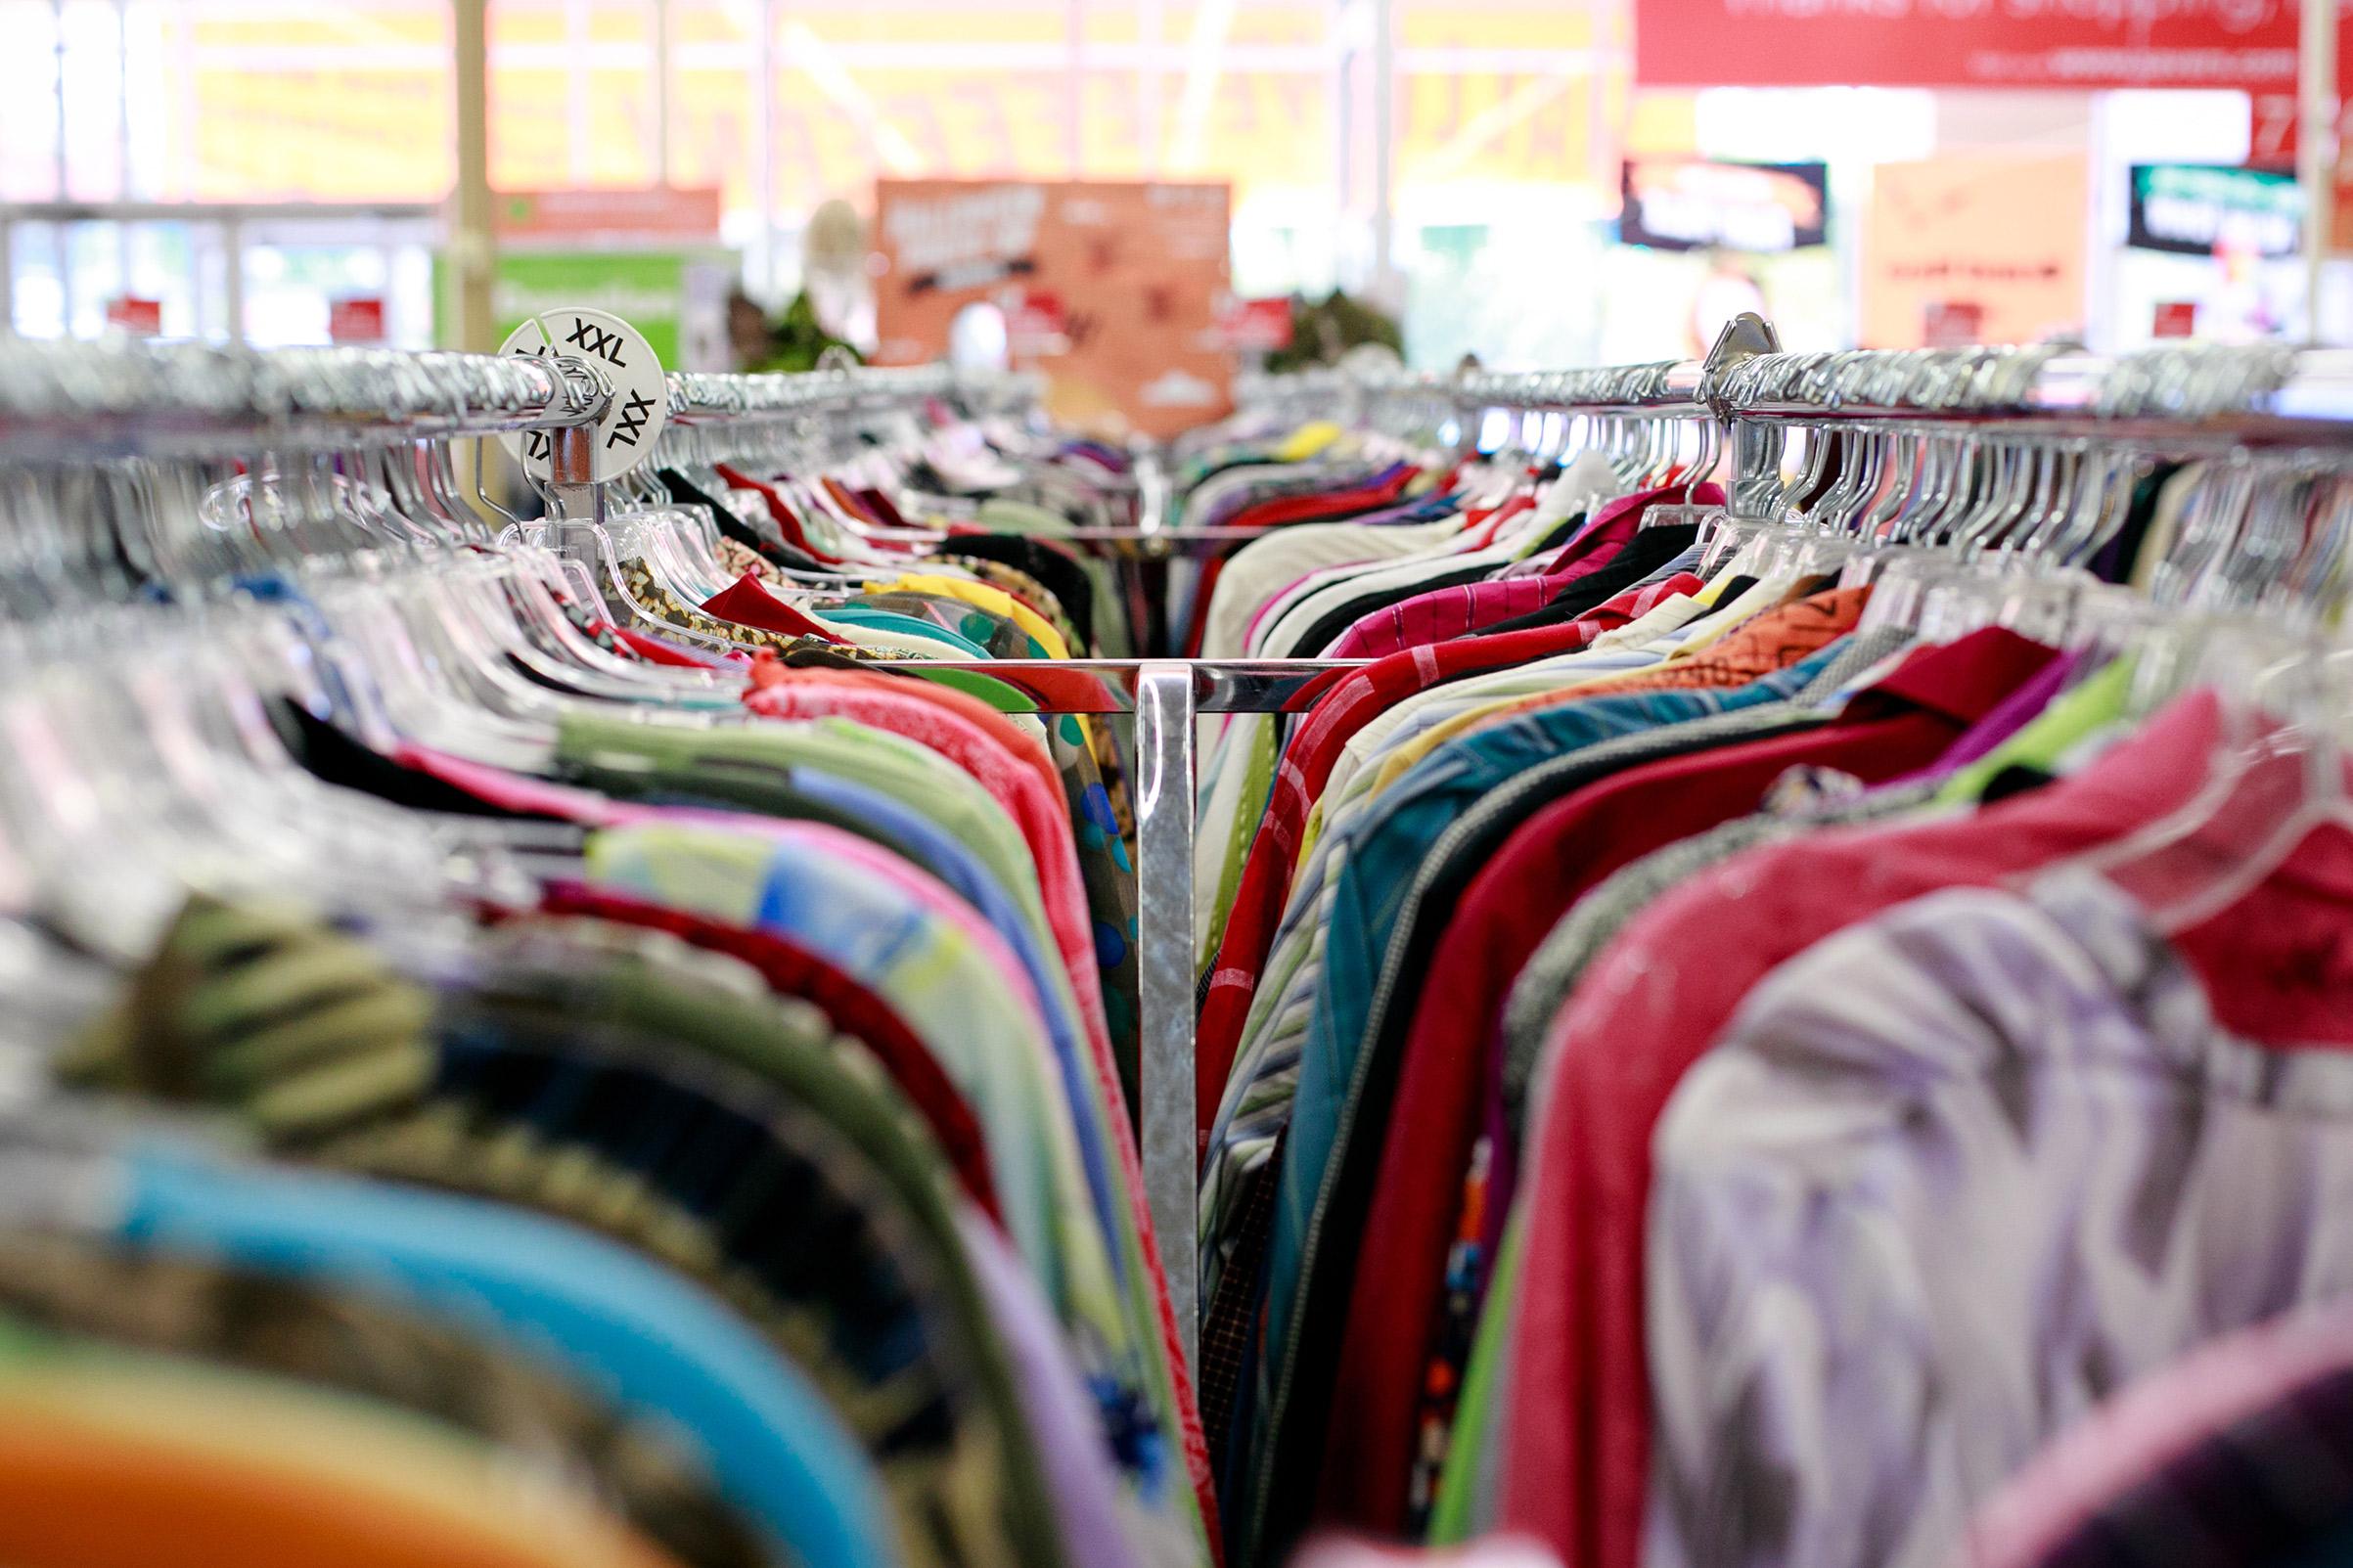 reciklaža materijala, reciklaža, reciklaza materijala, reciklaža tekstila, obnavljanje garderobe, aksesoari, moda, vintage, second hand shop, buvljaci, buvljak, buvlje pijace, stare stvari, polovne stvari, polovna garderoba, polovna obuća, prepravka starig stvari, prepravka garderobe, moda, vintage moda